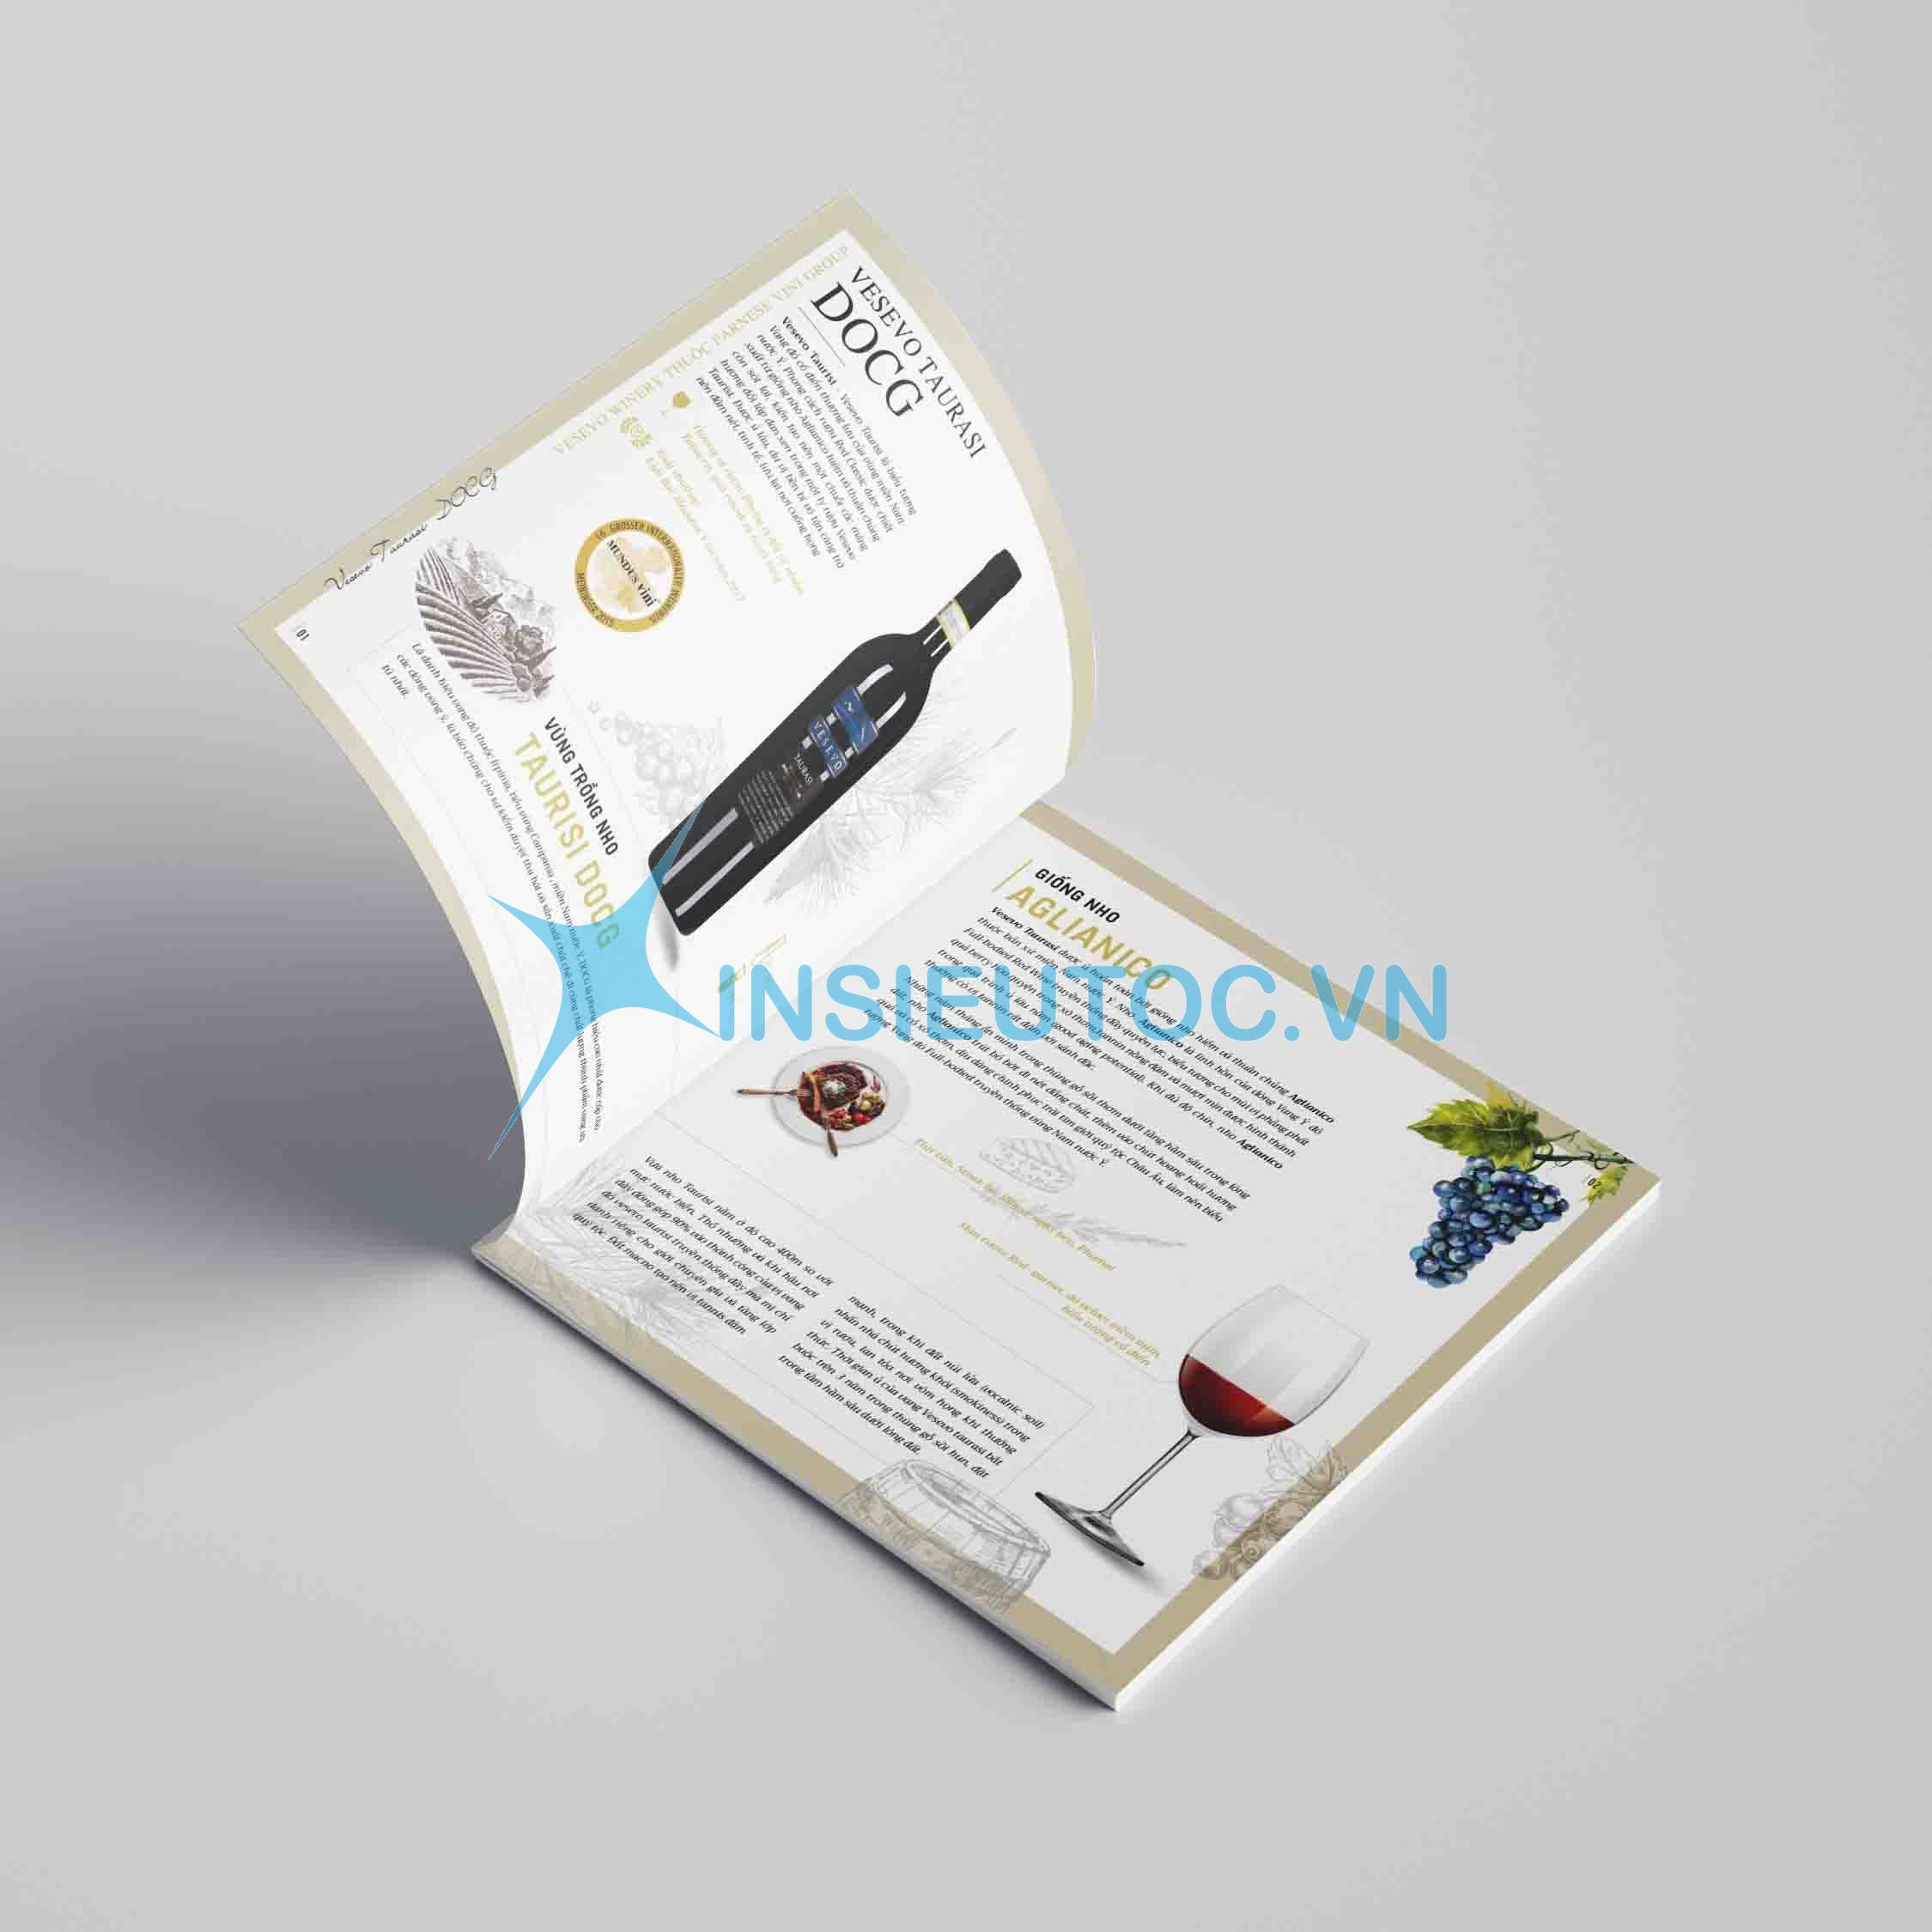 Thiết kế catalog hãng rượu